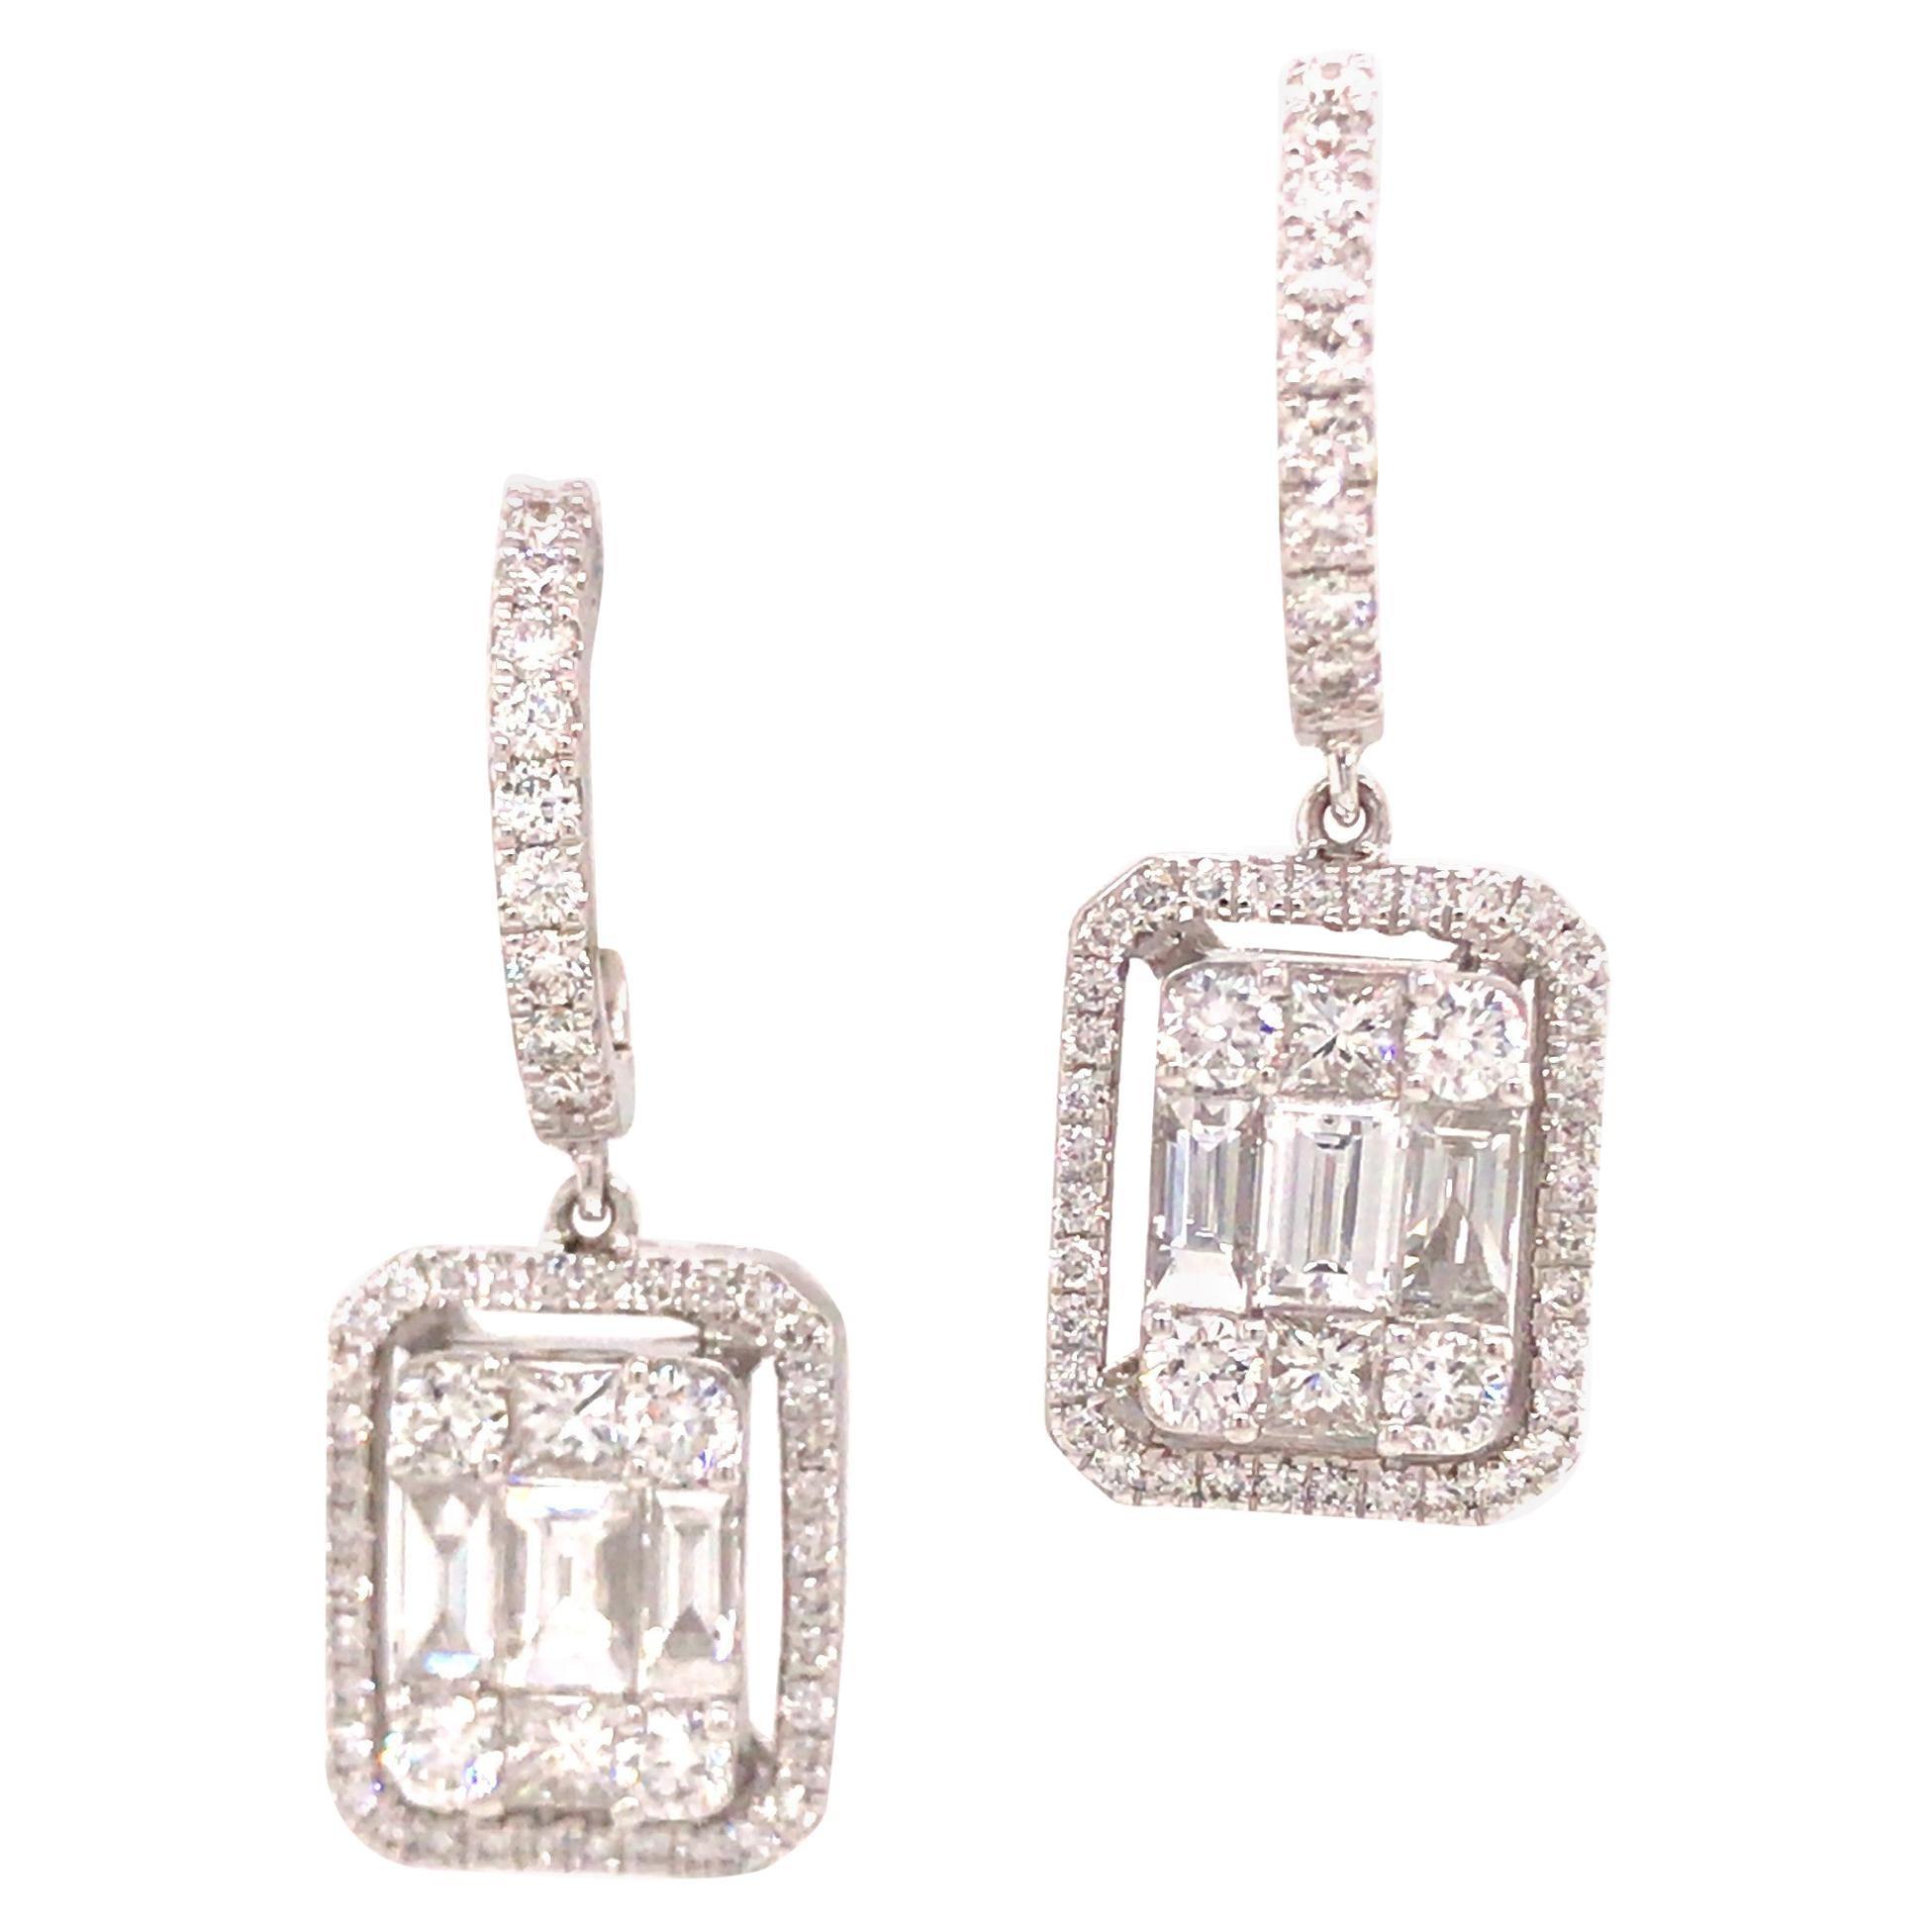 18K Diamond Cluster Dangle Earring White Gold